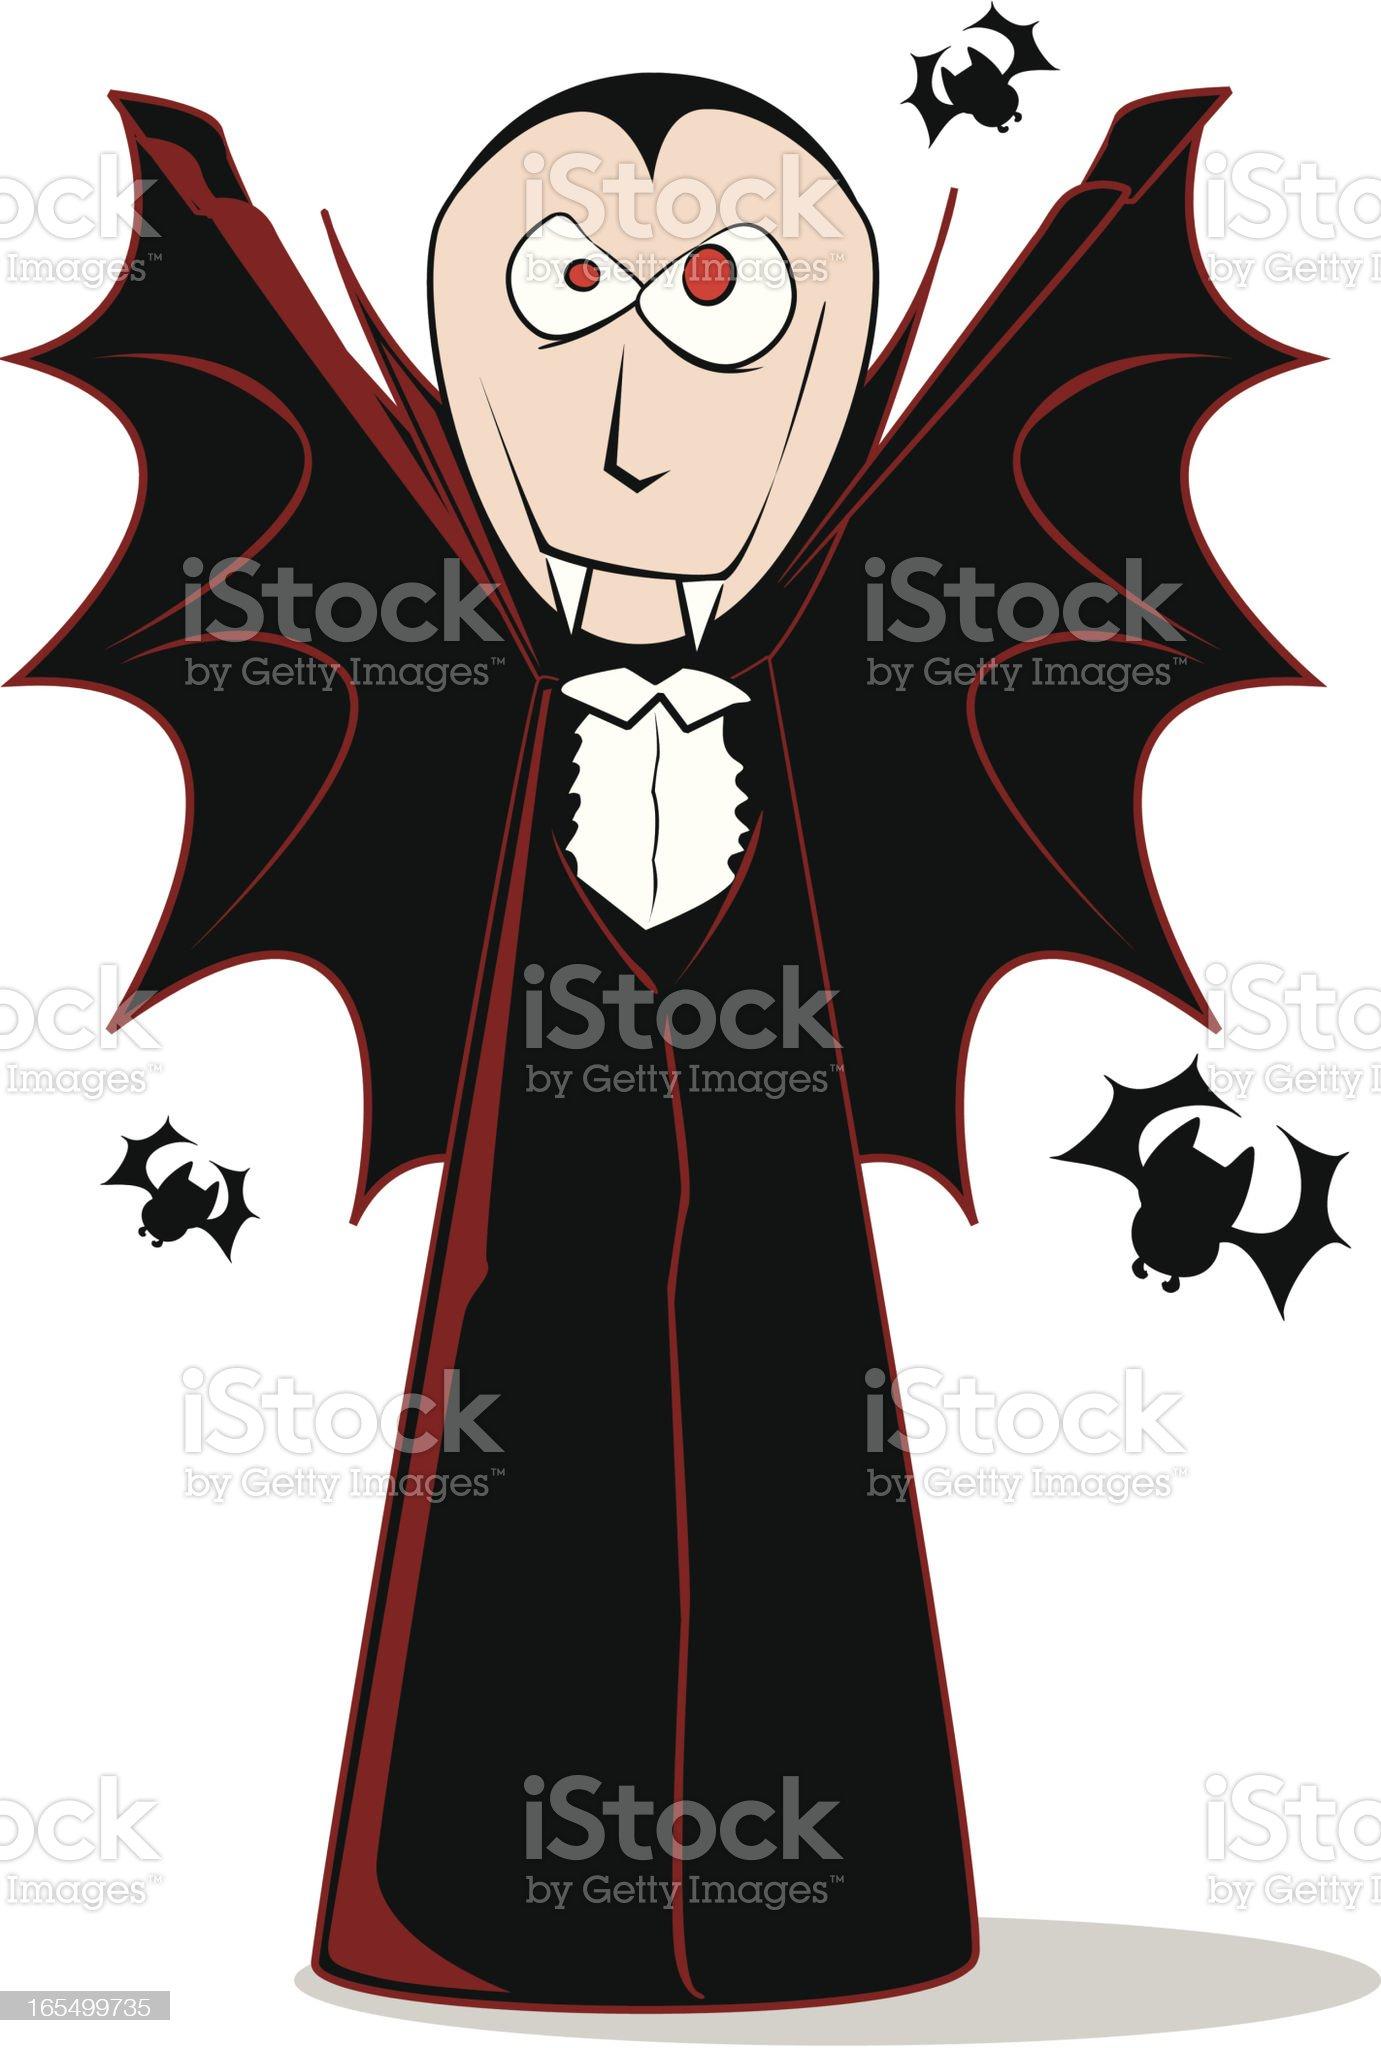 Vampire Cloak Cartoon royalty-free stock vector art